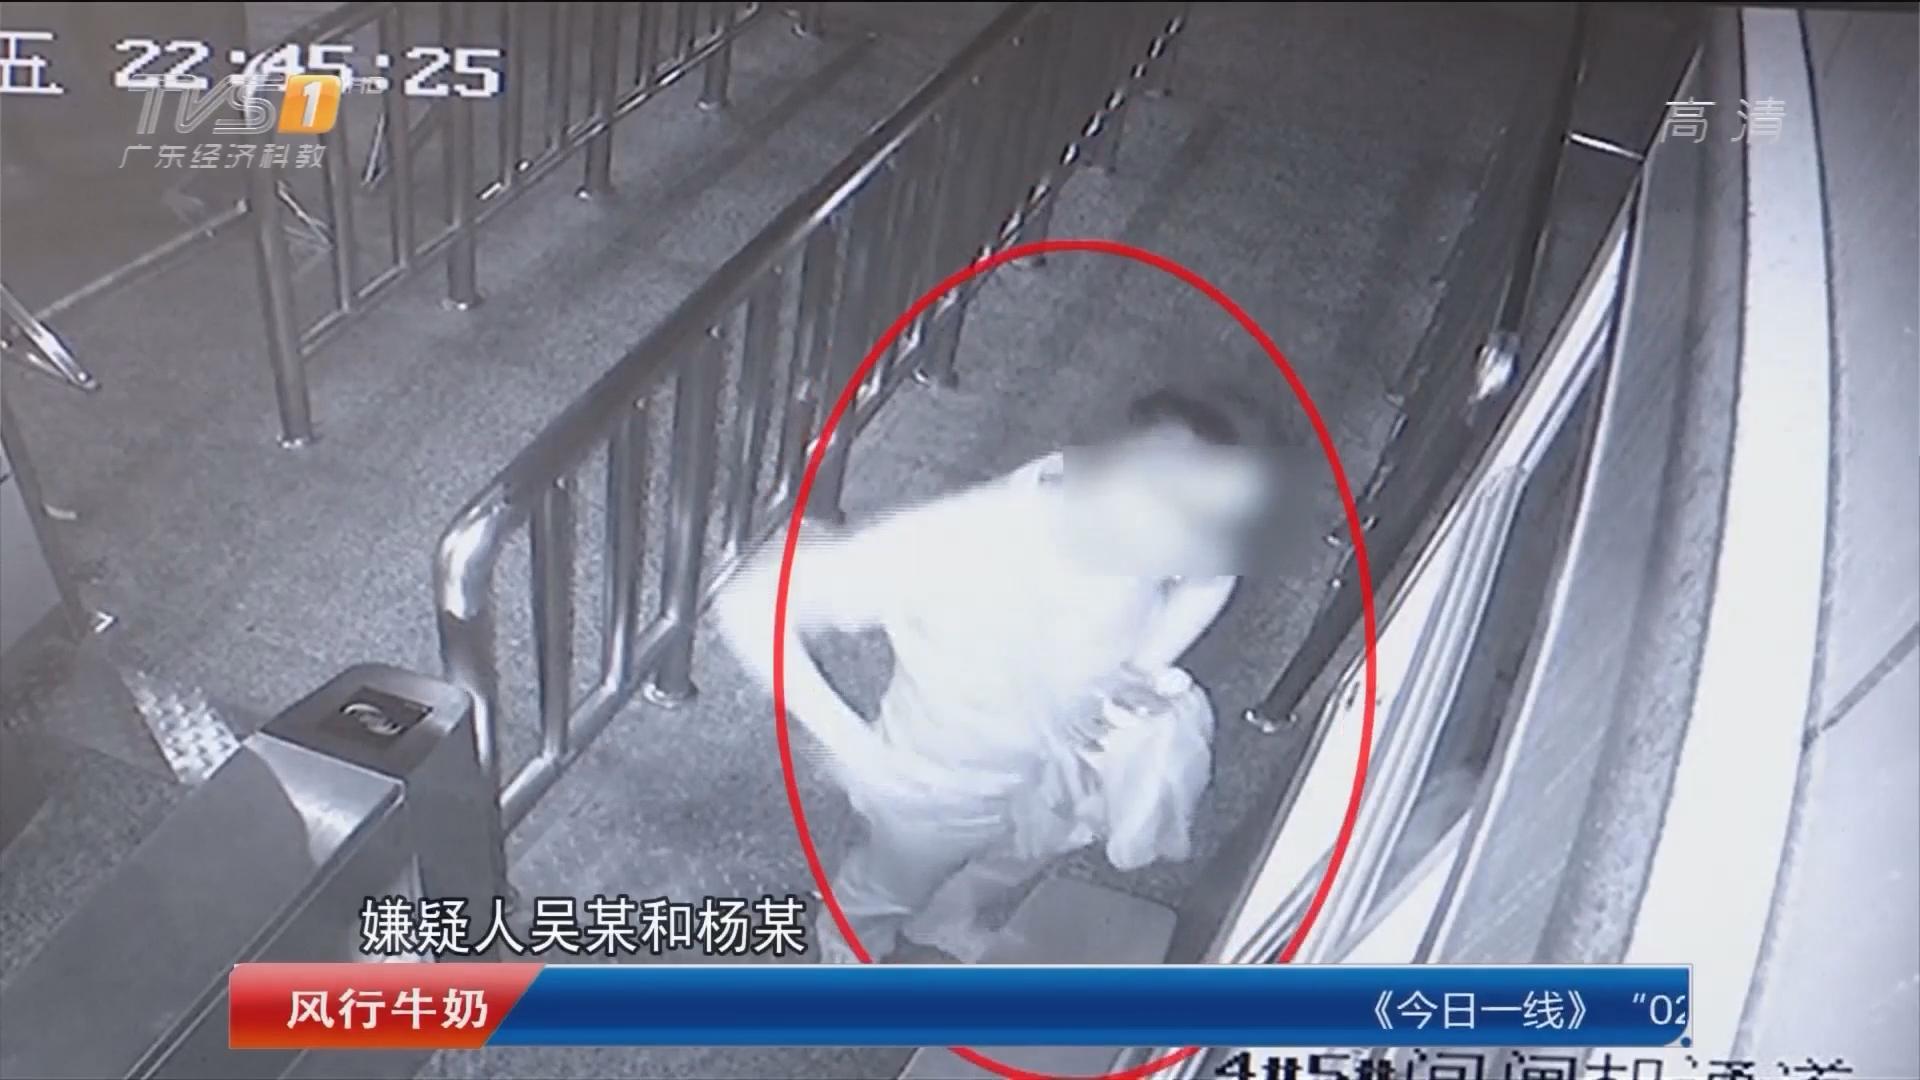 惠州:两小偷列车下手 盗得万元赃款